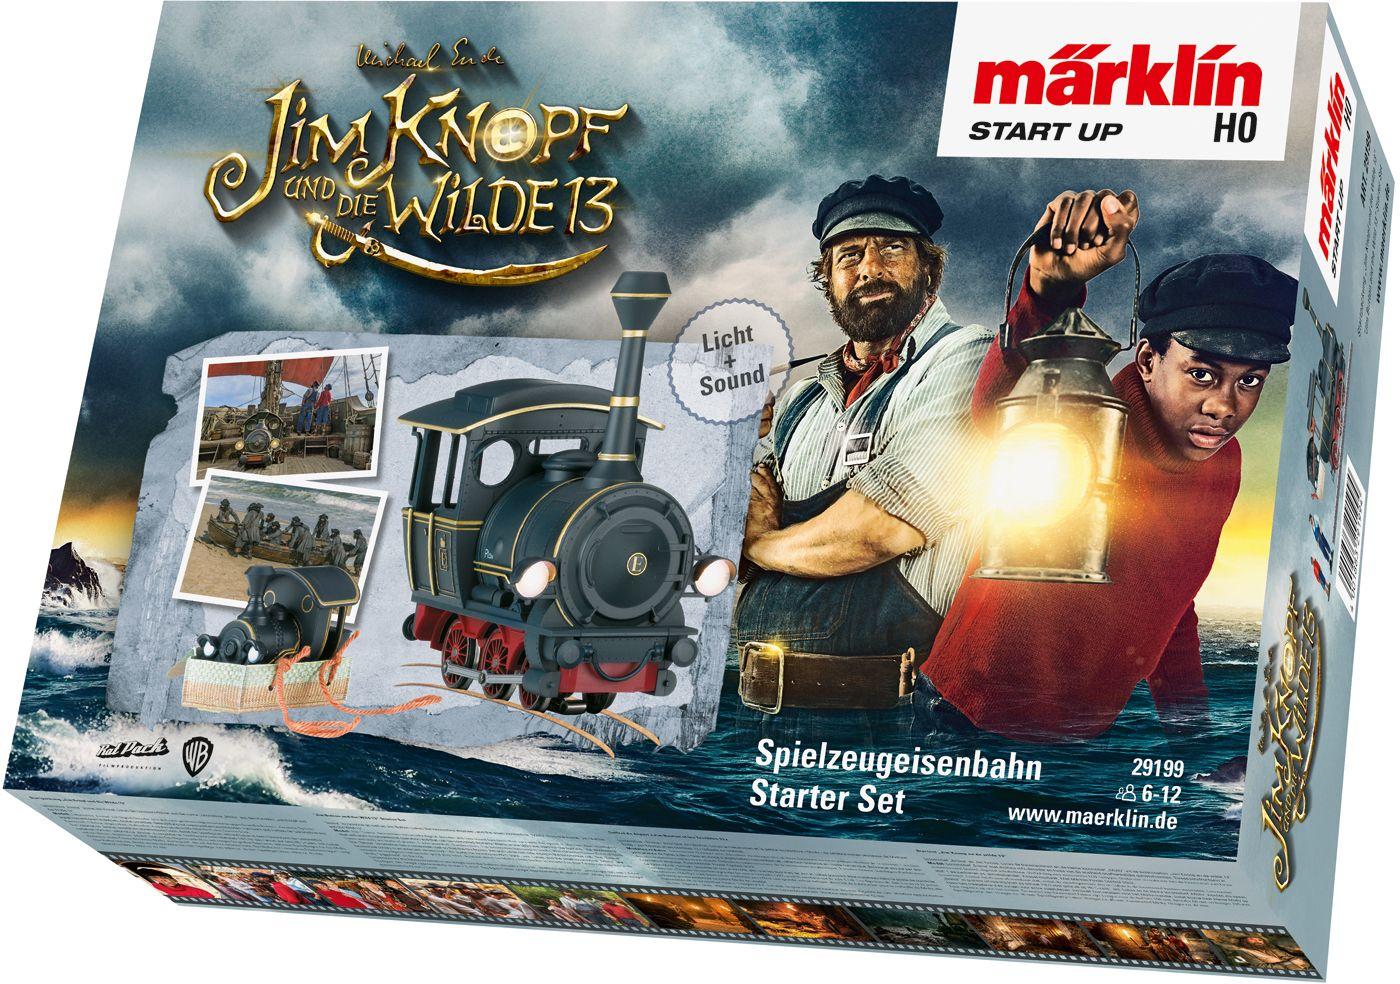 Märklin - Märklin Start up - Startpackung Jim Knopf und die Wilde 13 als Spielware